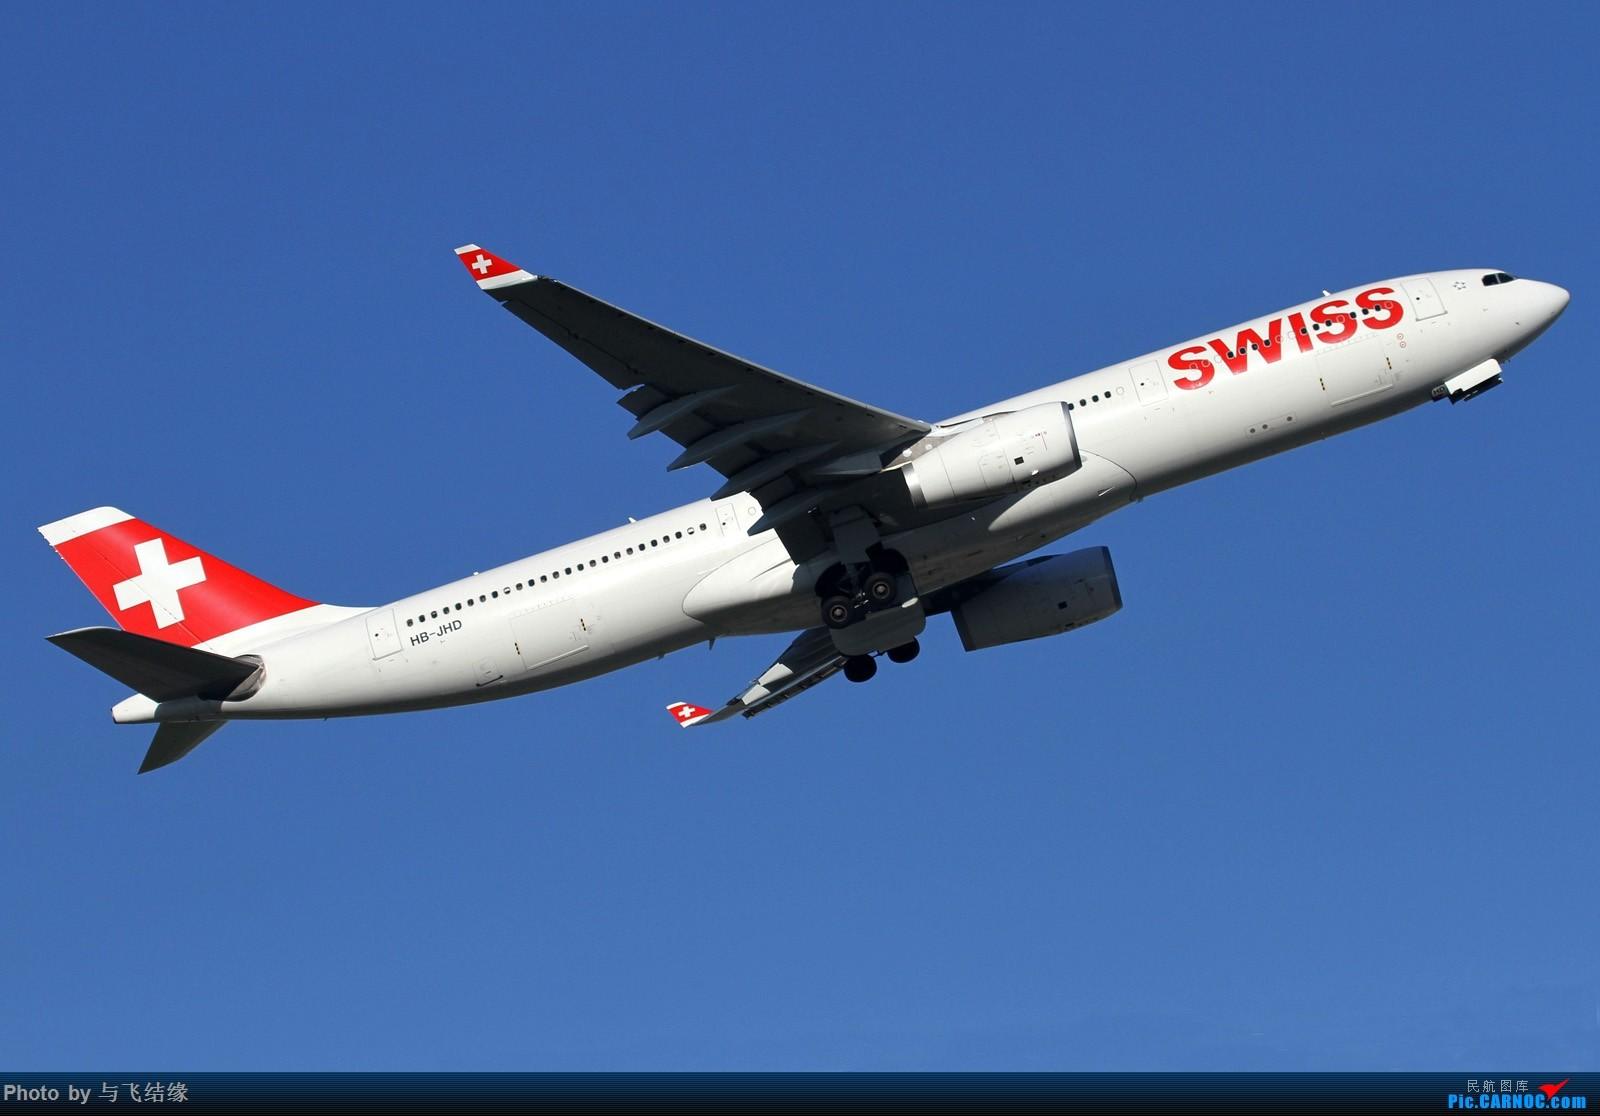 [原创]瑞士航空Airbus A330-300腾空而起+雪绒花! AIRBUS A330-300 HB-JHD 中国北京首都国际机场